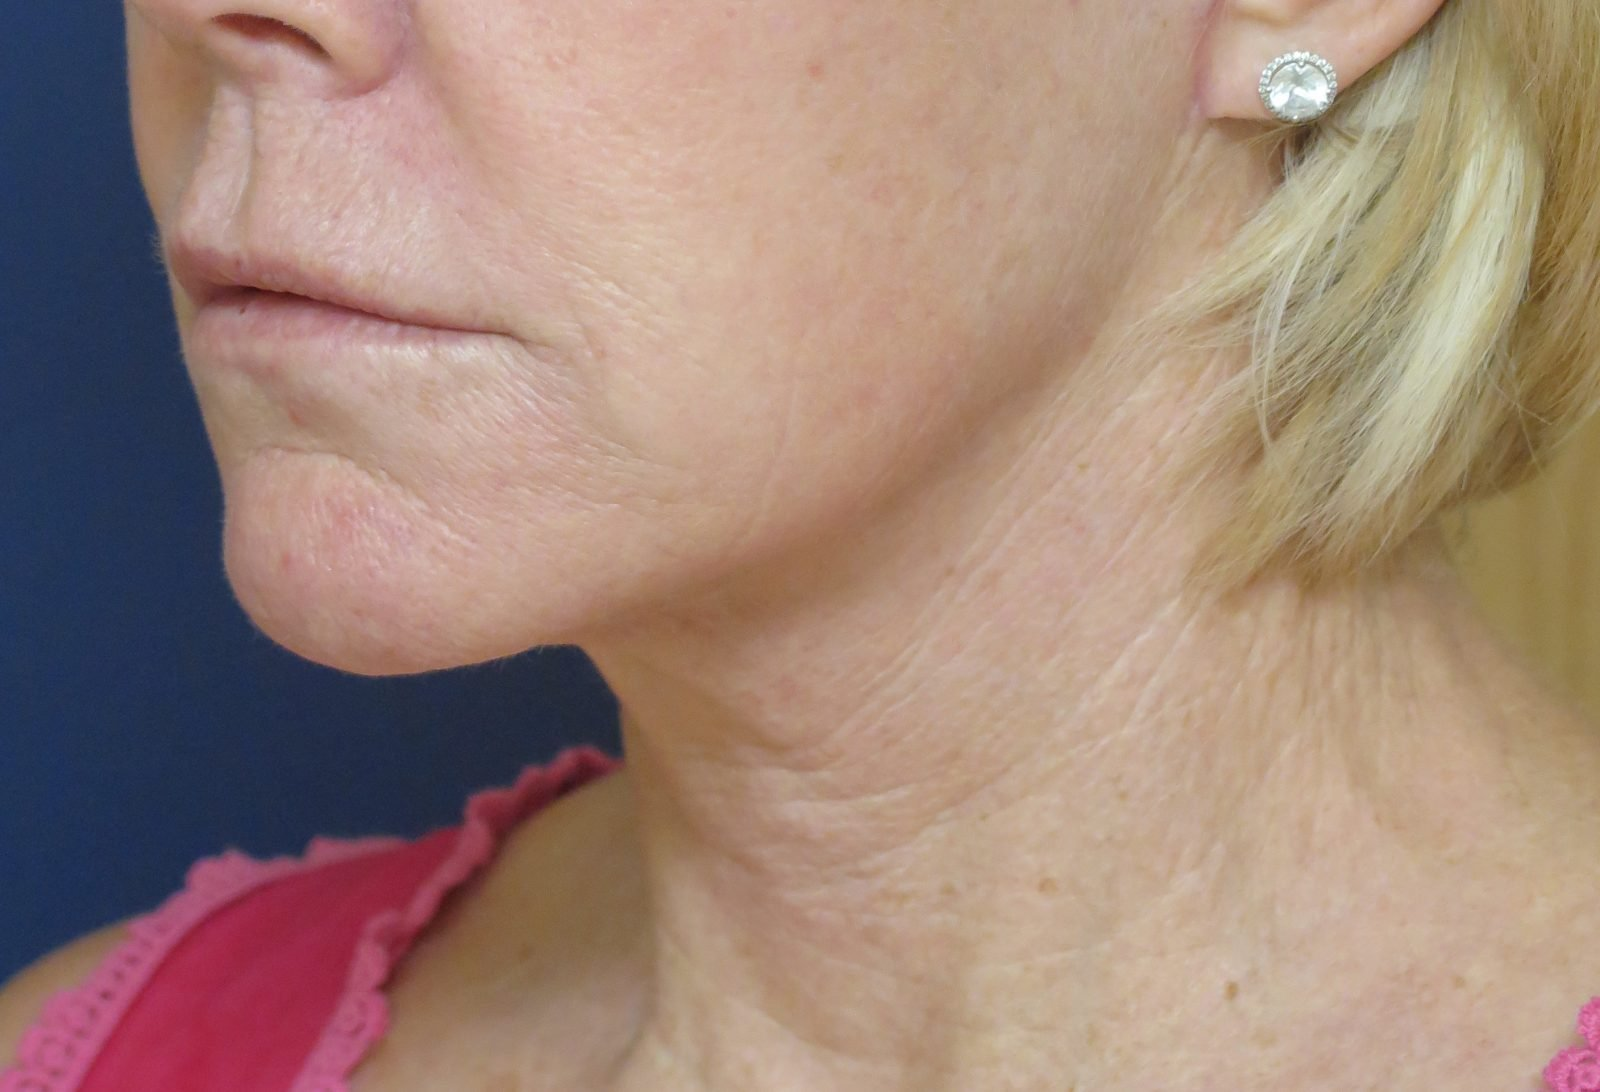 Patient picture after neck lift at Nuance Facial Plastics